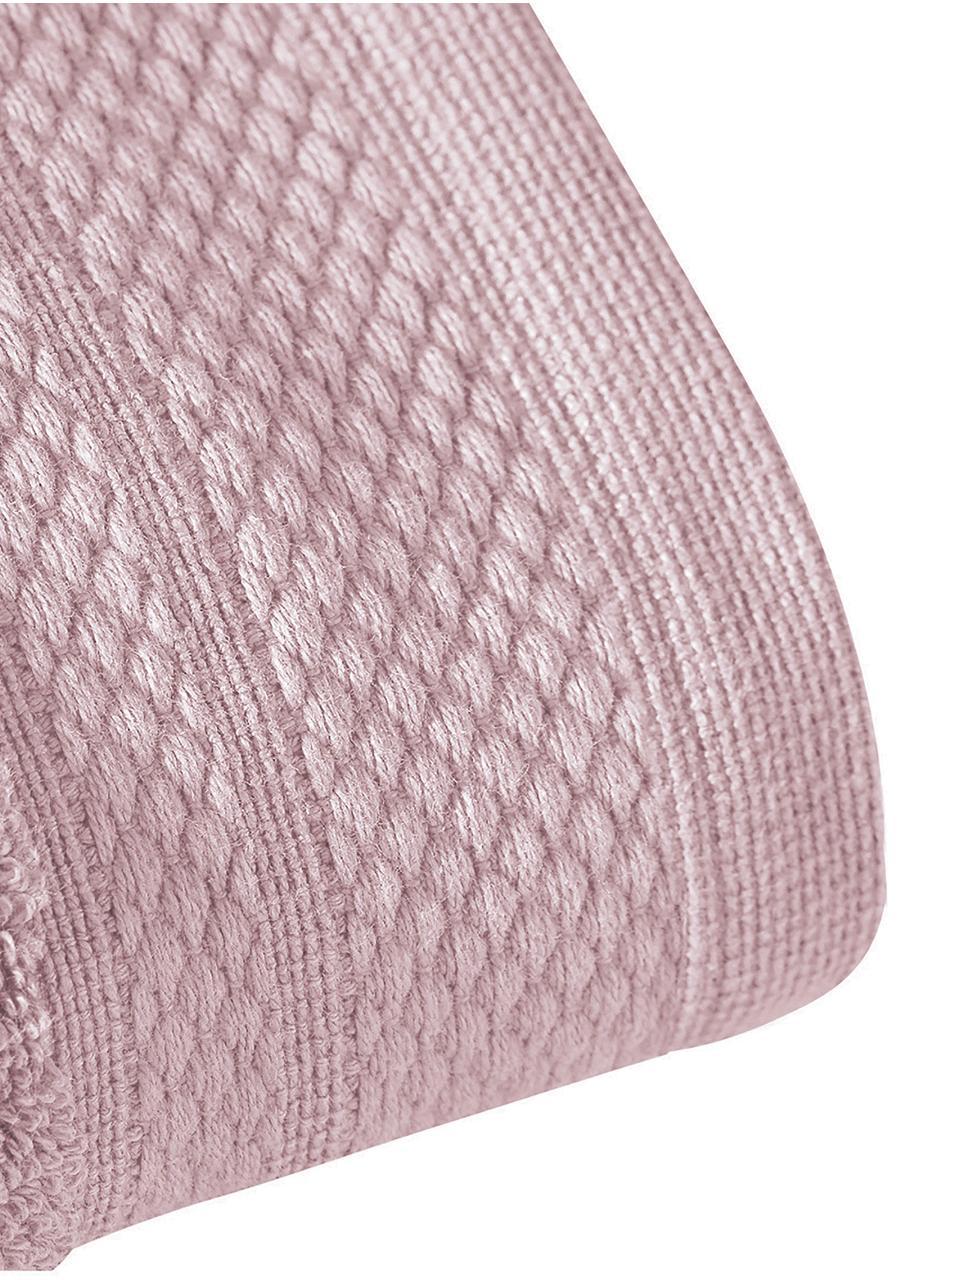 Lot de serviettes de bain avec bordure classique Premium, 3élém., Vieux rose